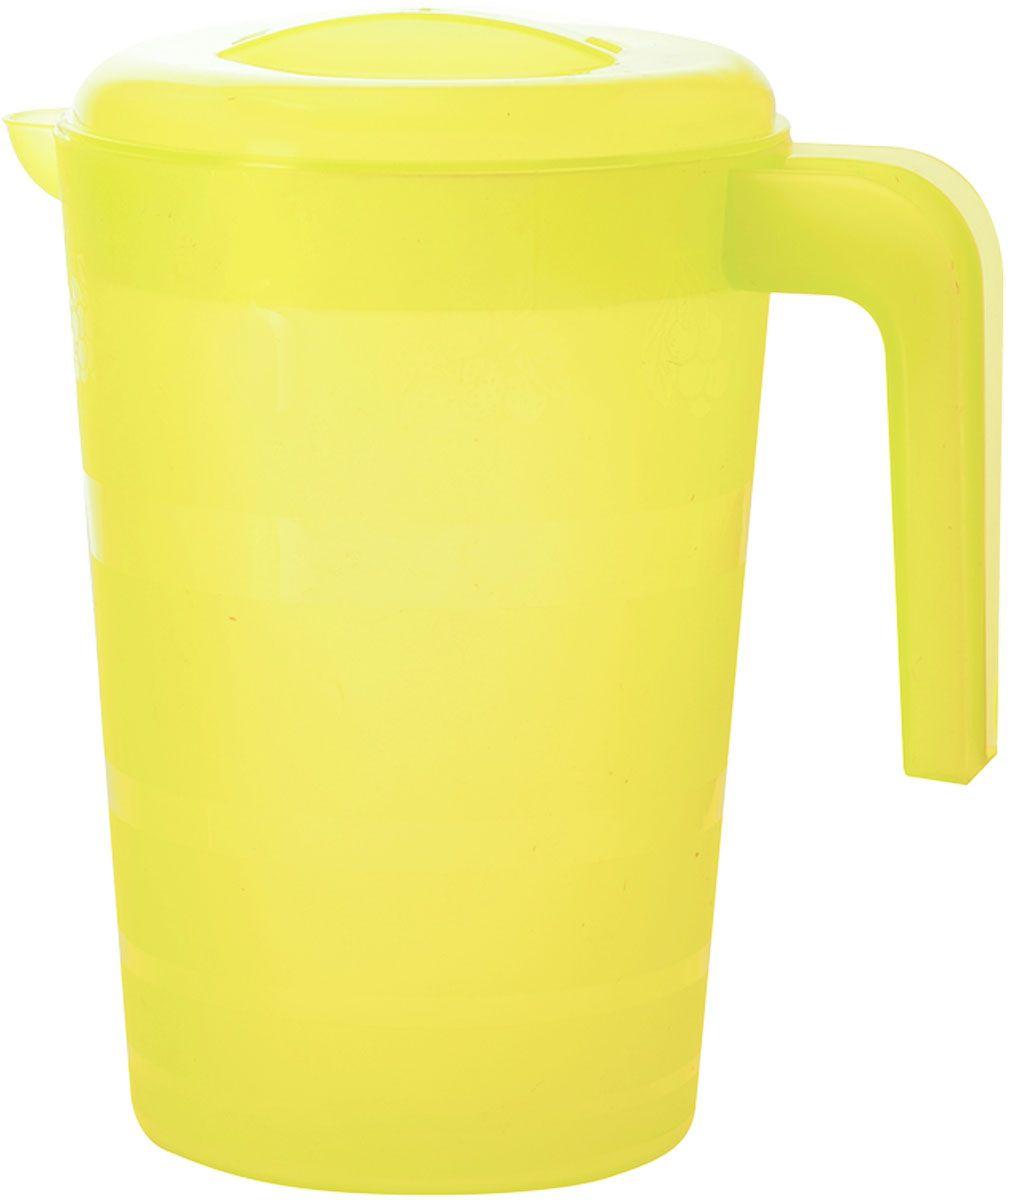 Кувшин Plastic Centre Фазенда, с крышкой, цвет: желтый, 2 л centre speaker